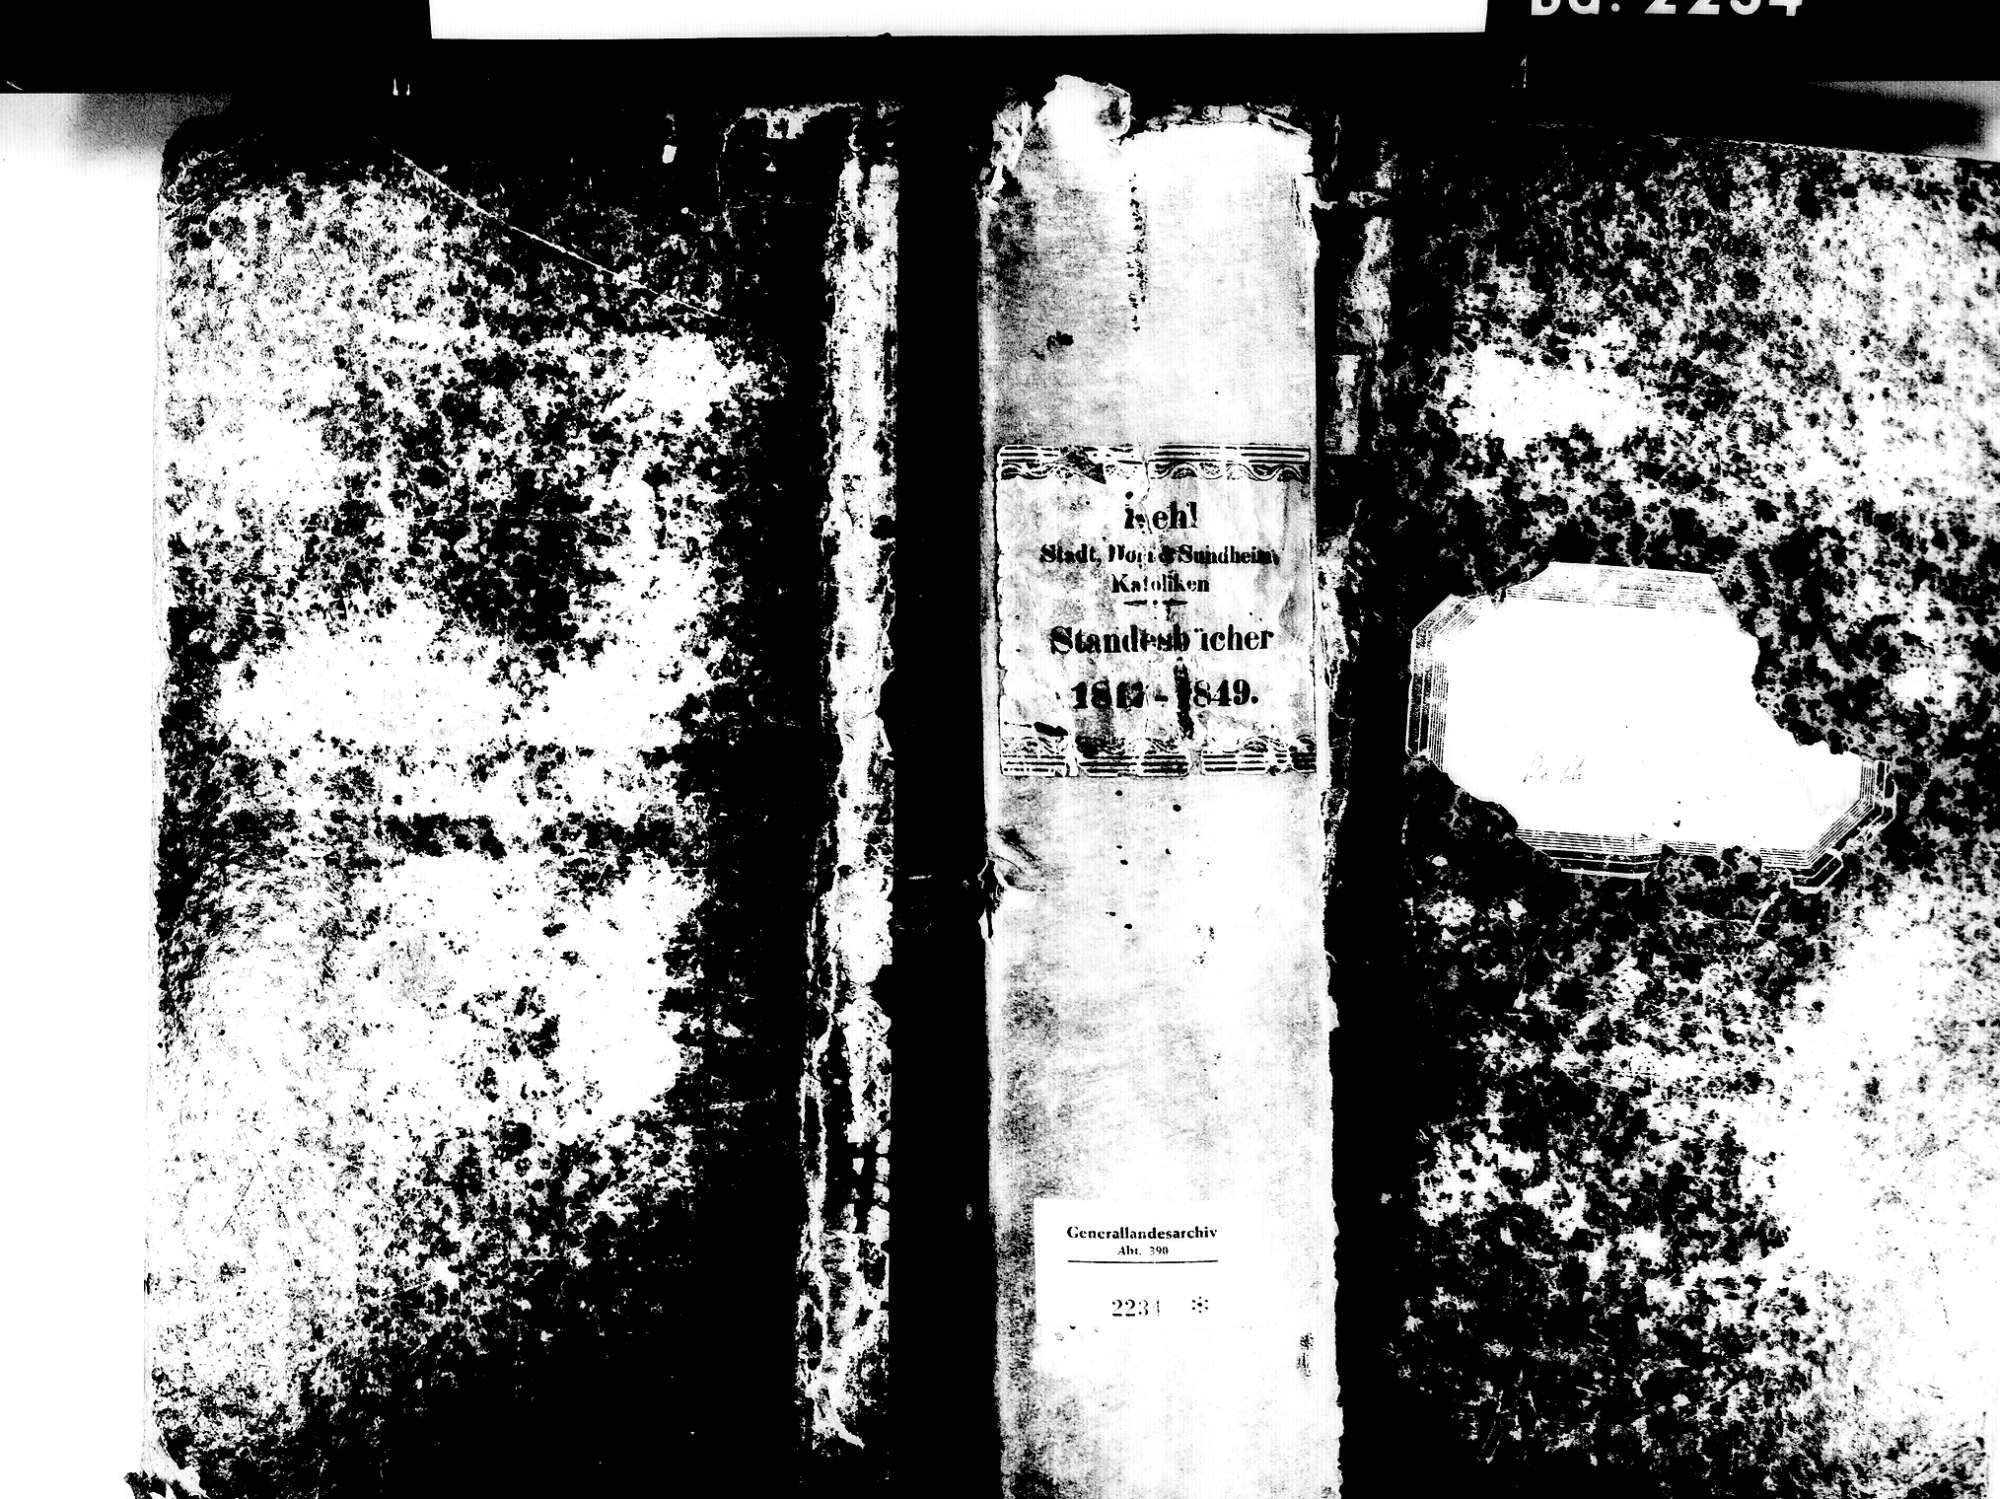 Kehl Dorf, aufgegangen in Kehl OG; Katholische Gemeinde: Standesbuch 1817-1849, Bild 1